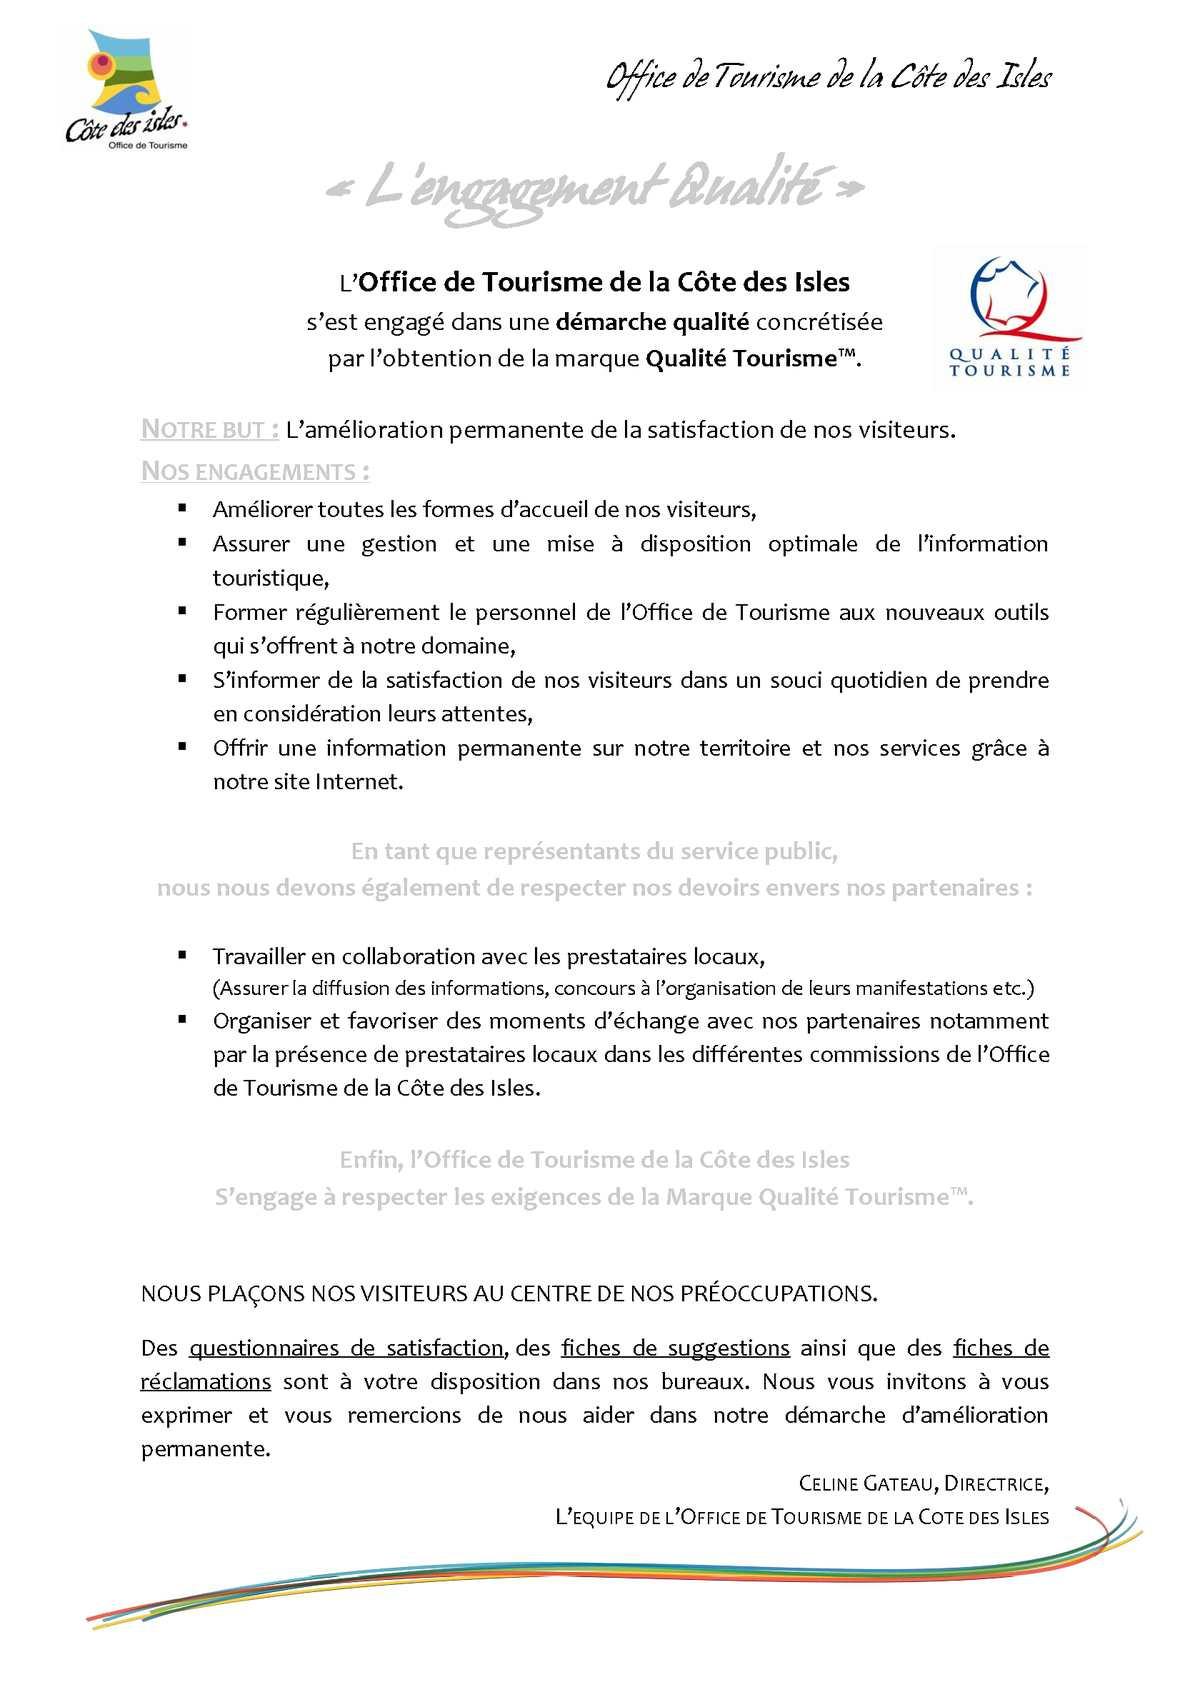 Calam o lettre d 39 engagement de l 39 office de tourisme de la c te des isles - Office tourisme la spezia ...